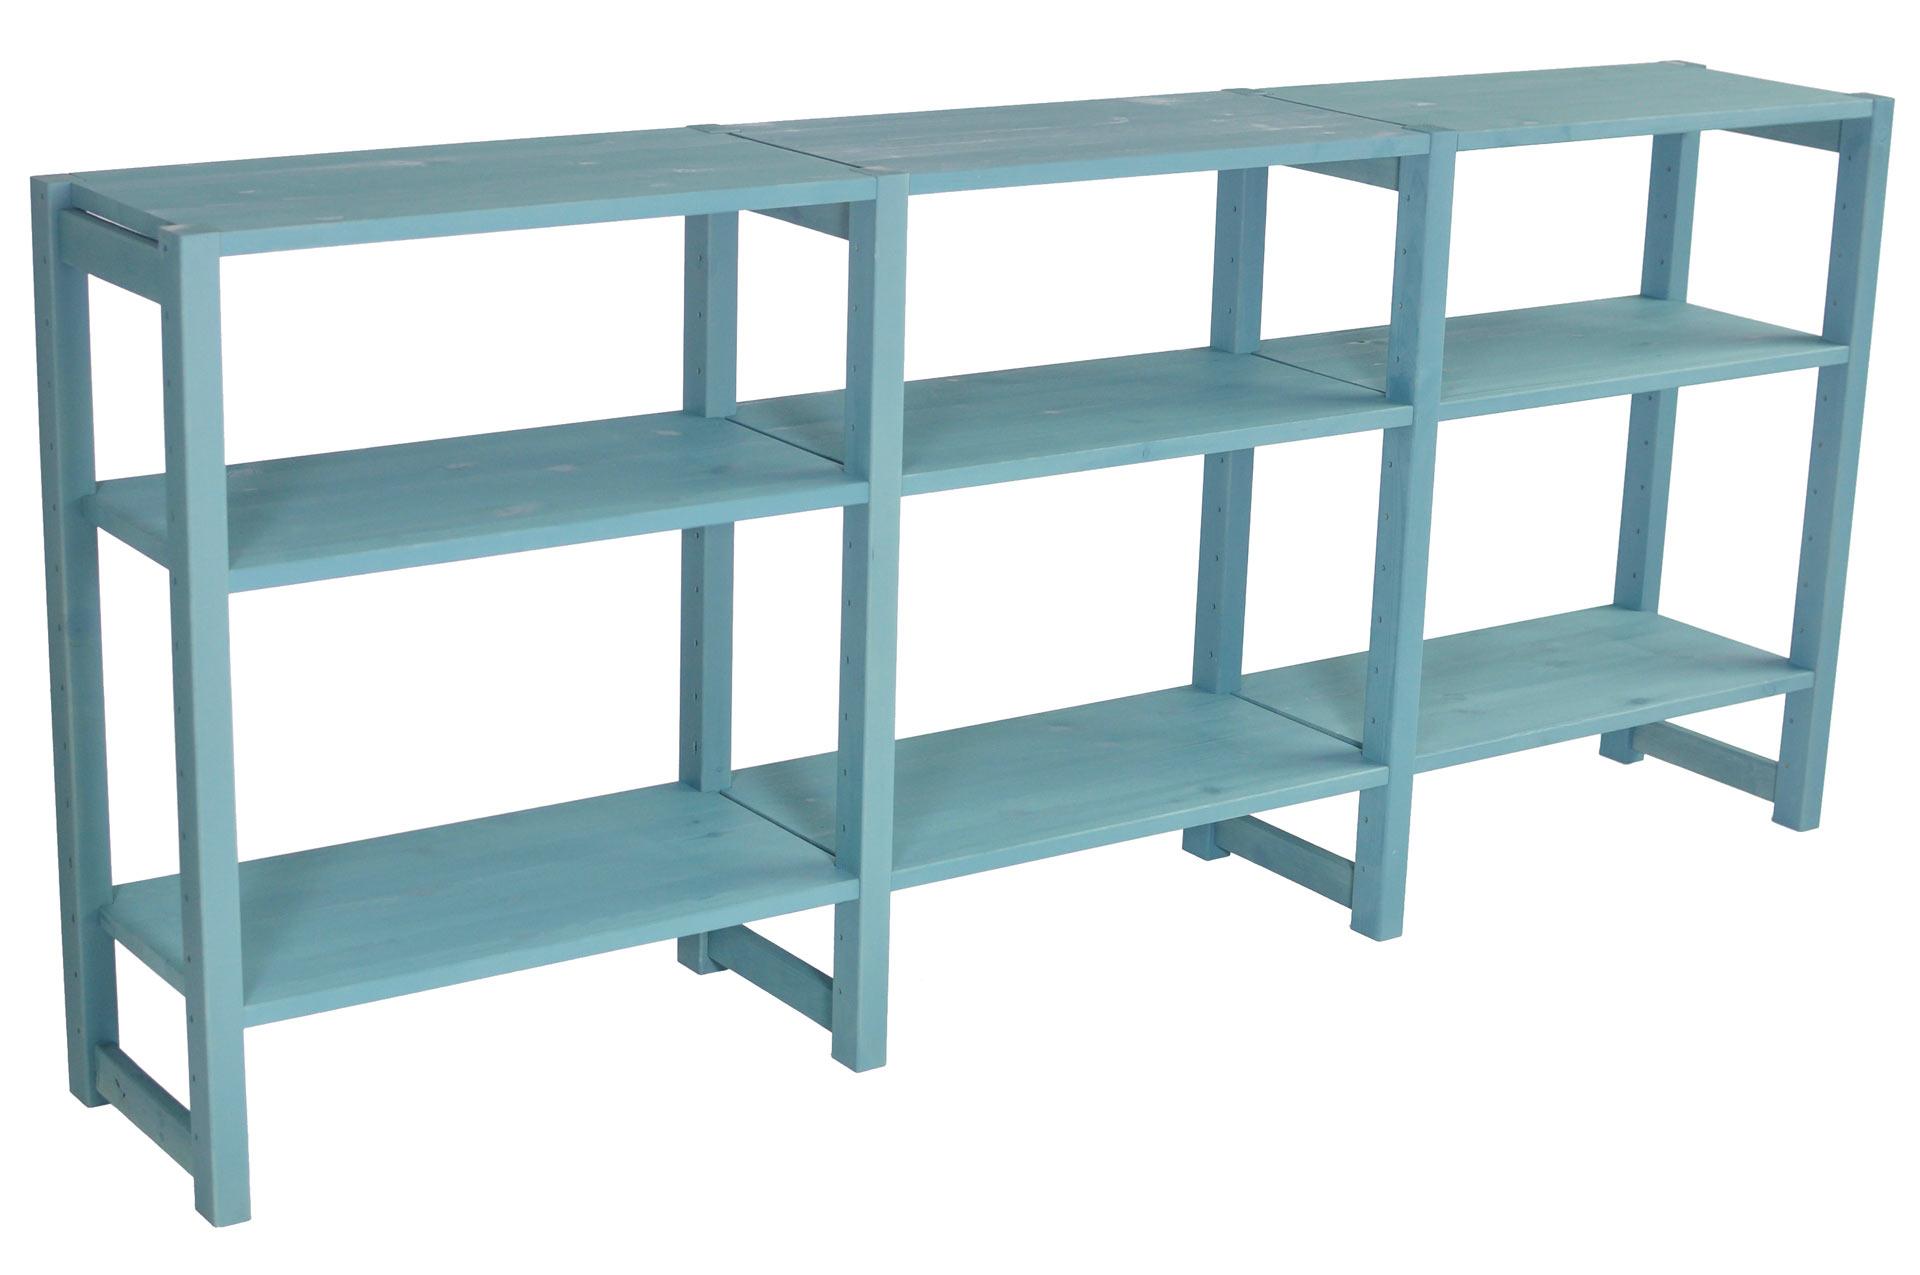 Sidobord, 180 x 30 x 78 cm, 3 sektioner, välj färg - SCALA CLASSIC